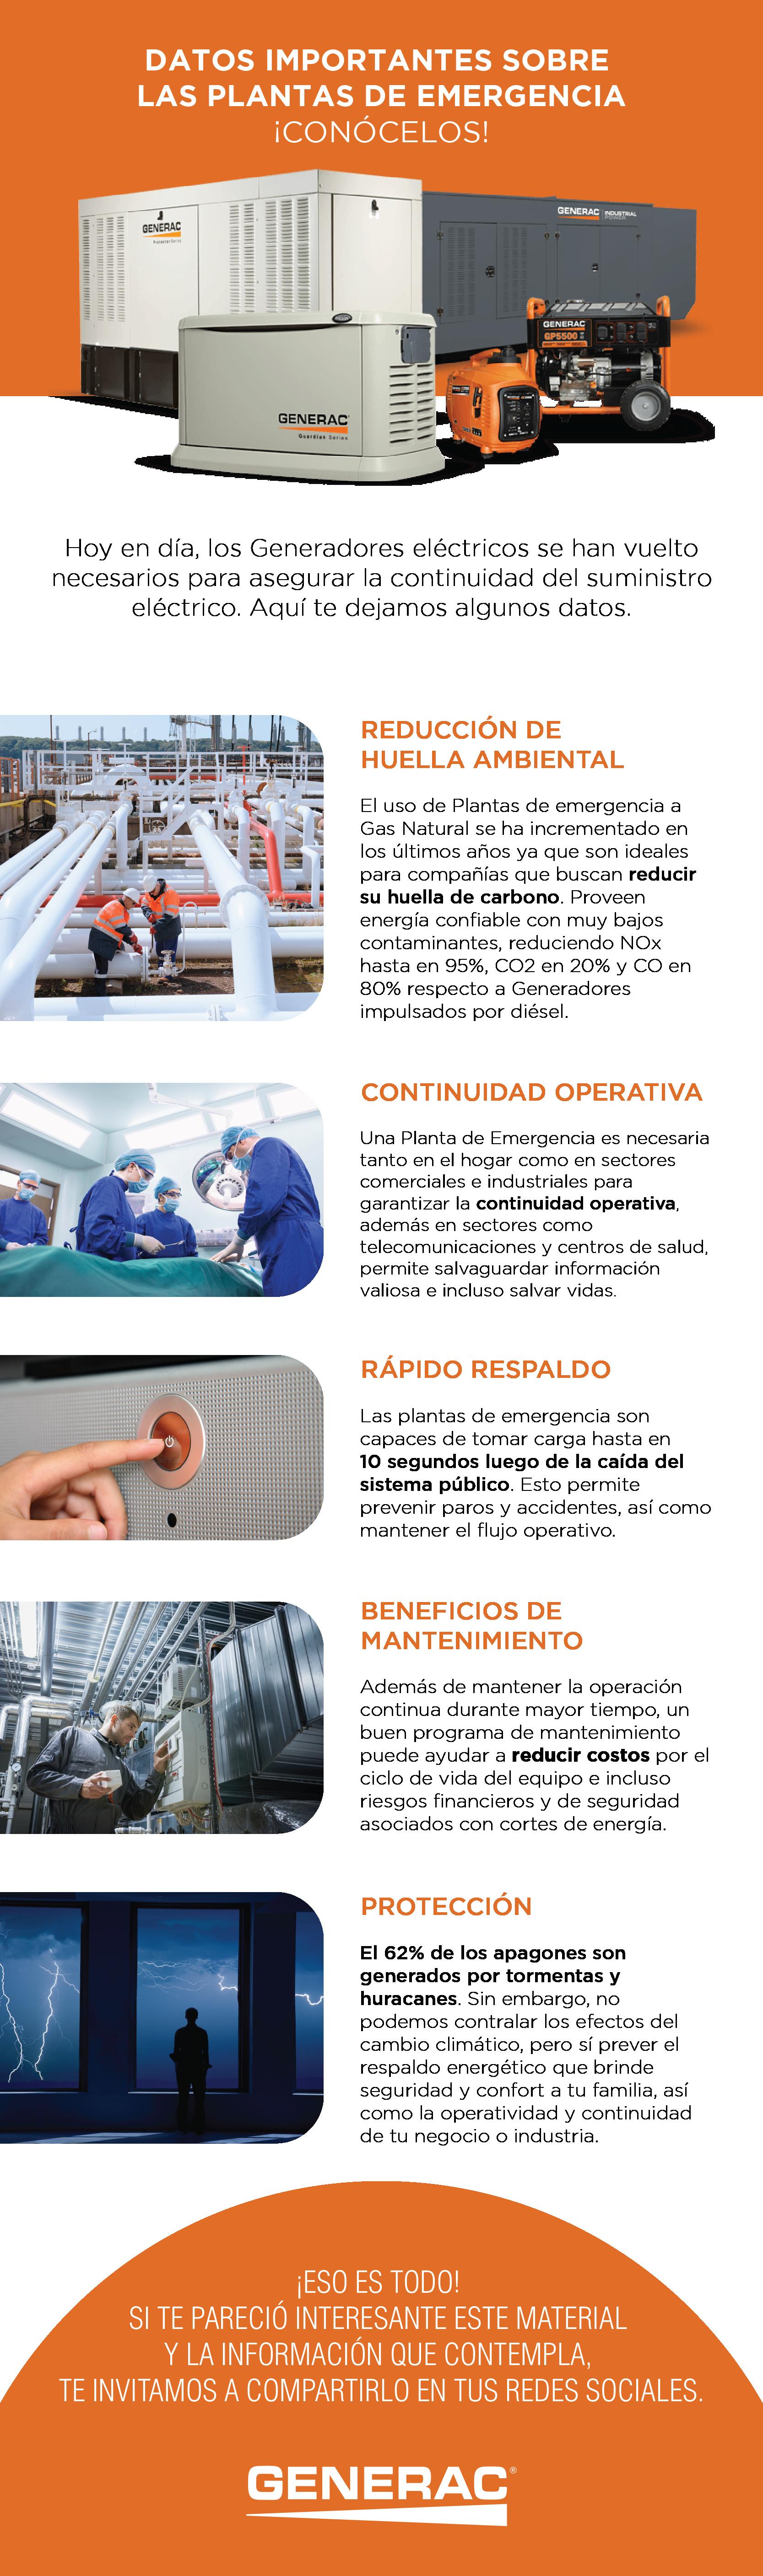 Datos importantes sobre las plantas de emergencia ¡Conócelos!-01